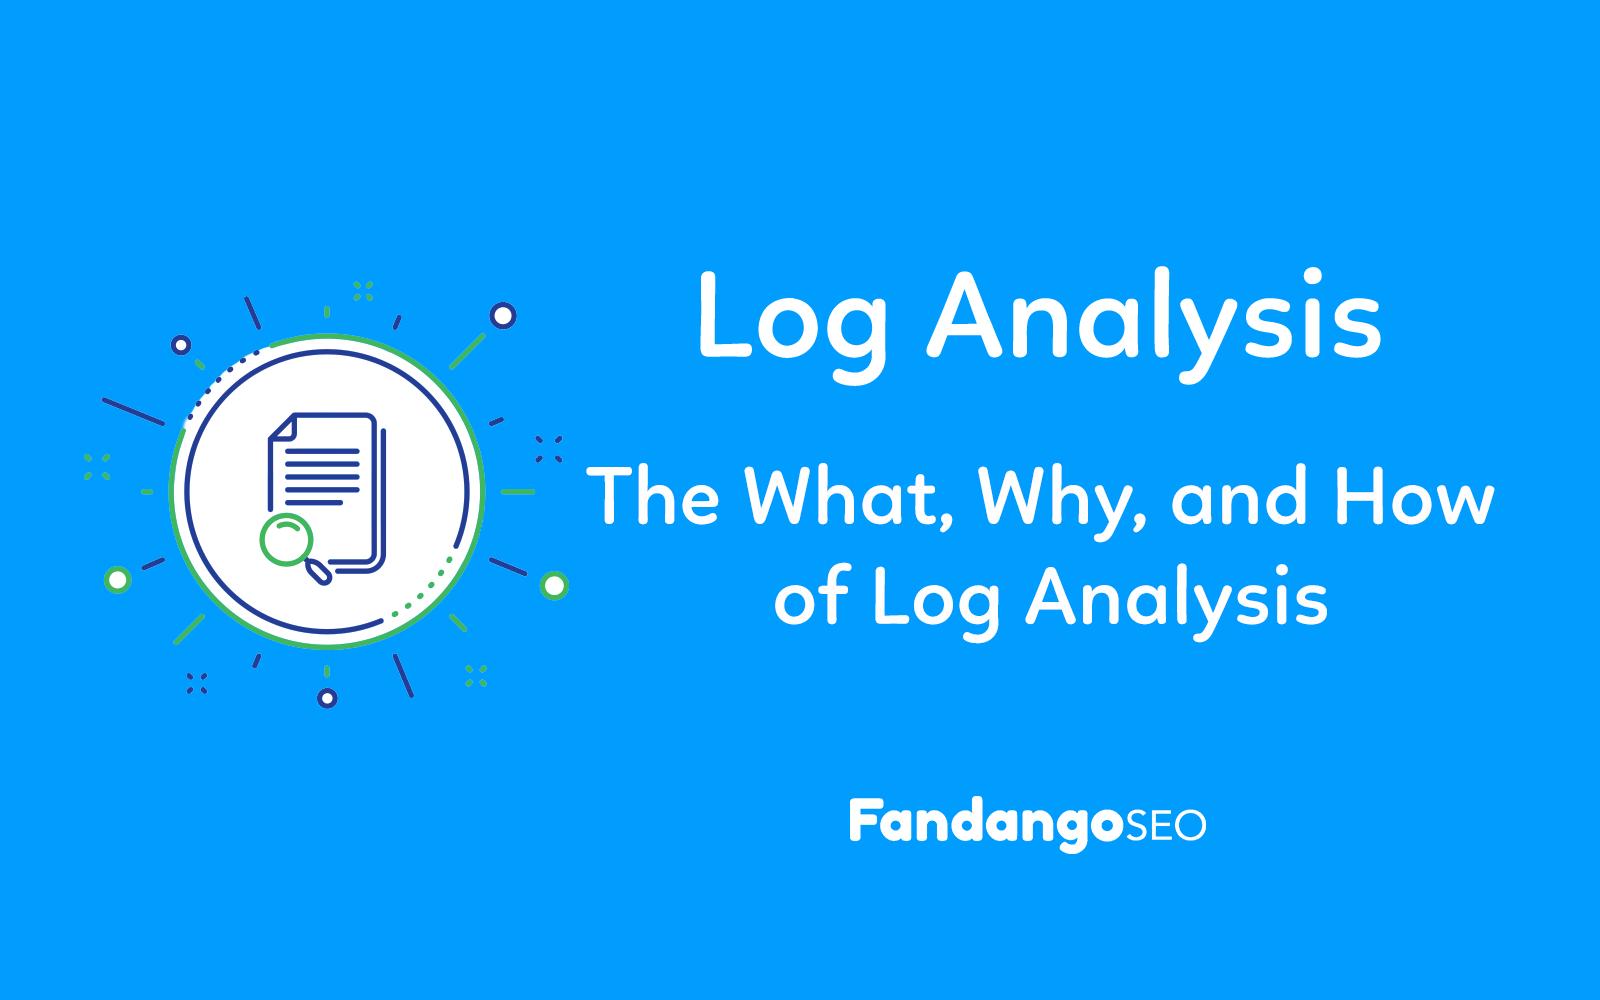 Log Analysis